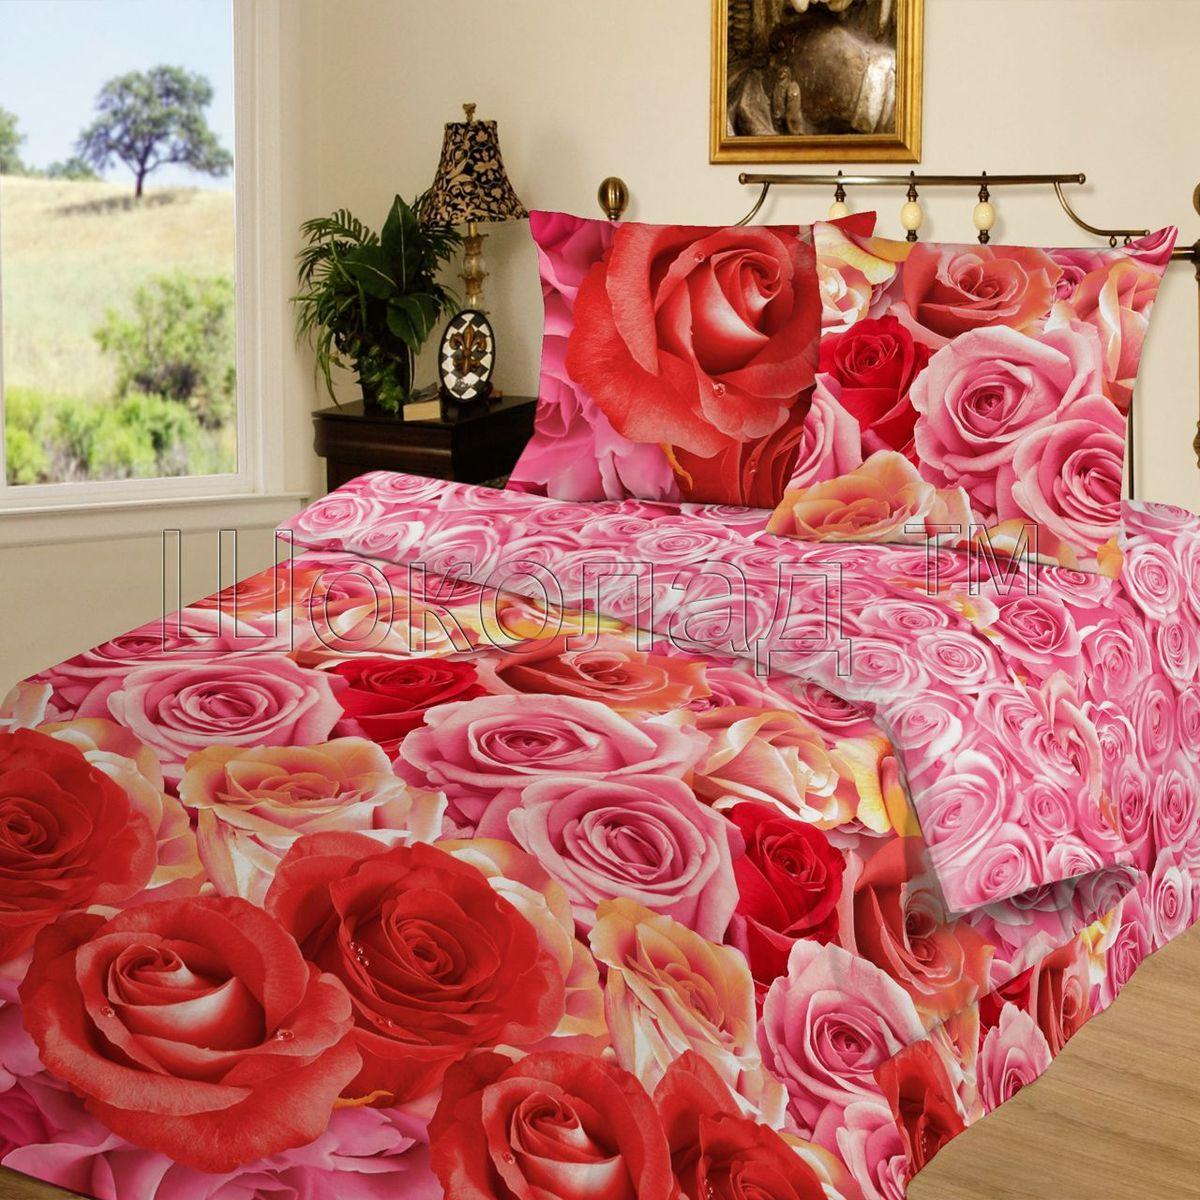 Комплект белья Шоколад Флирт, 1,5-спальный, наволочки 70x70. Б100Б100